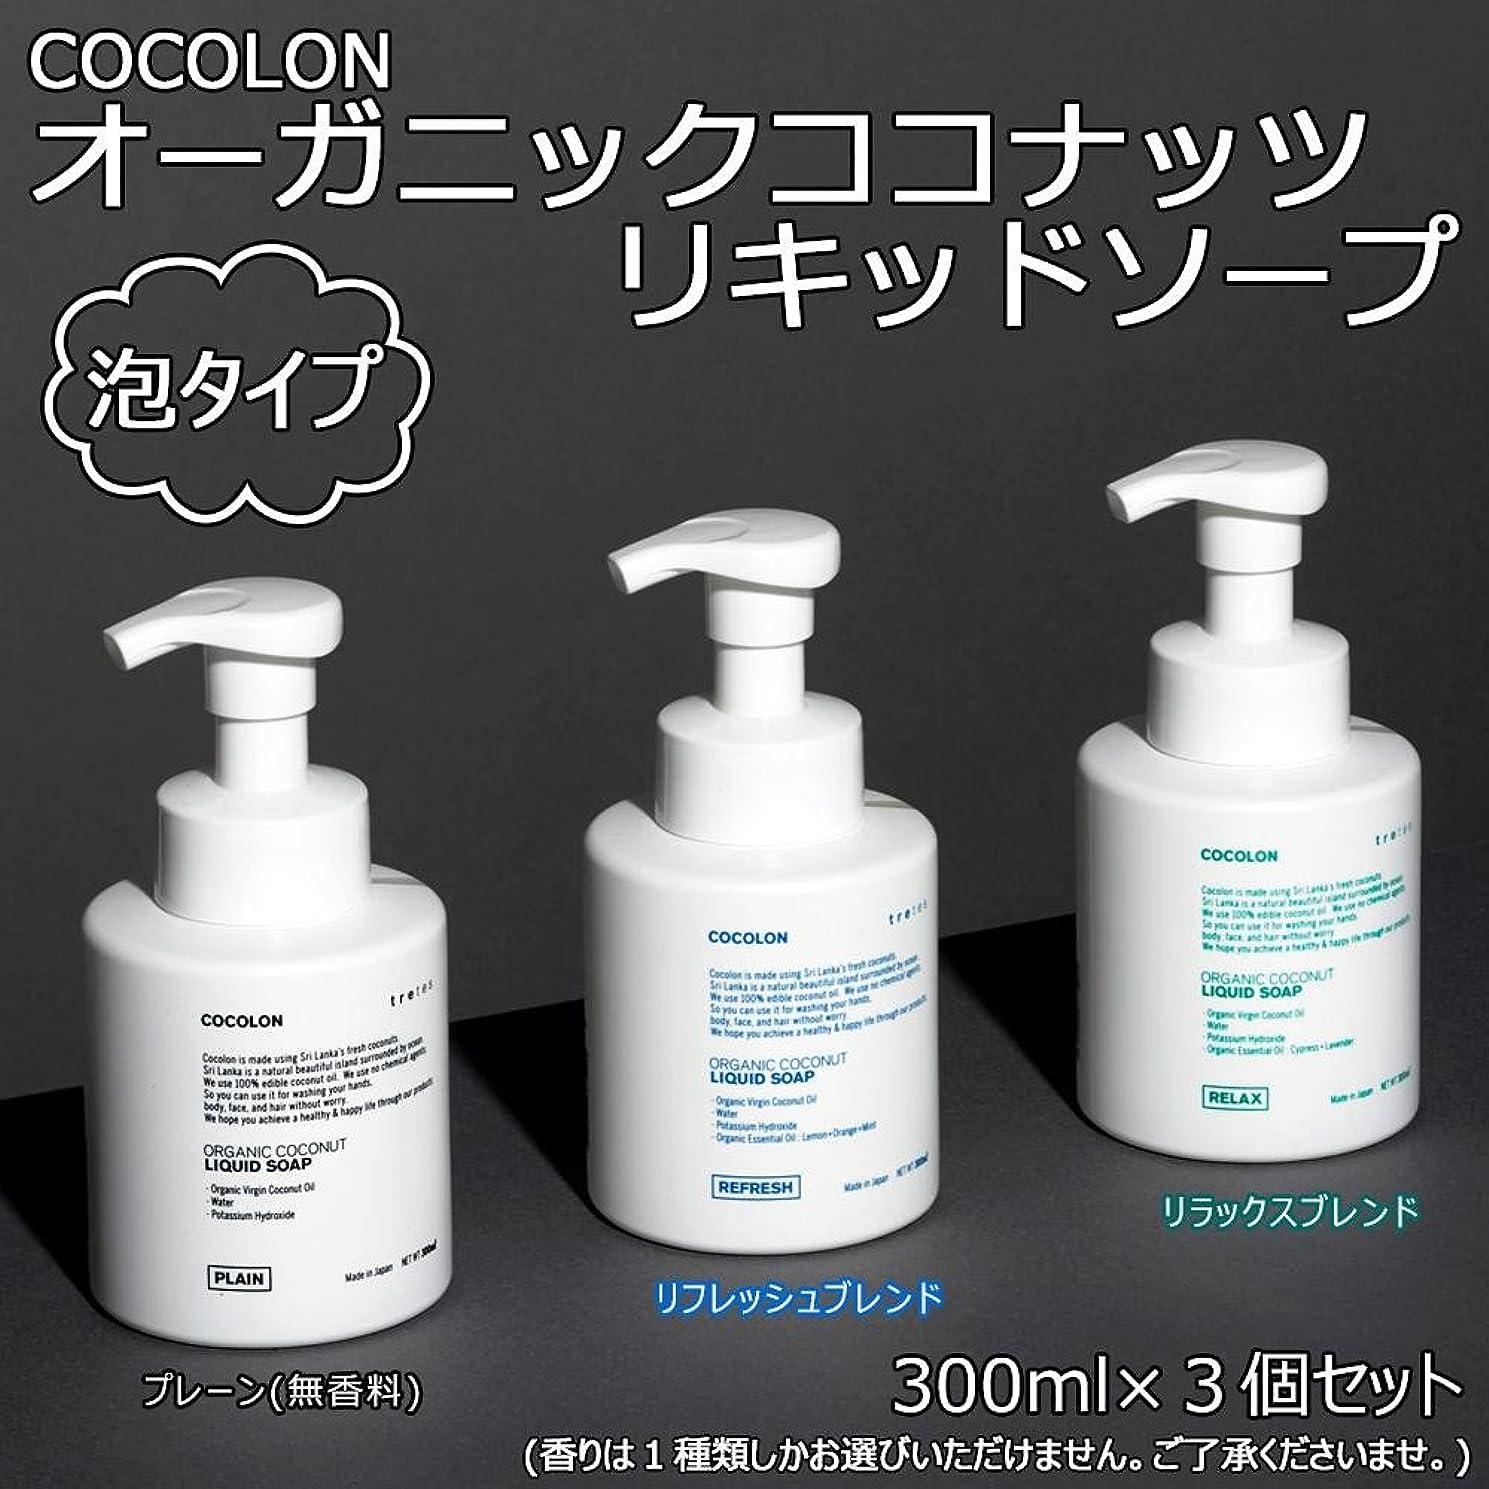 ラケットセンチメンタル吸収COCOLON ココロン オーガニックココナッツリキッドソープ 泡タイプ 300ml 3個セット リフレッシュブレンド